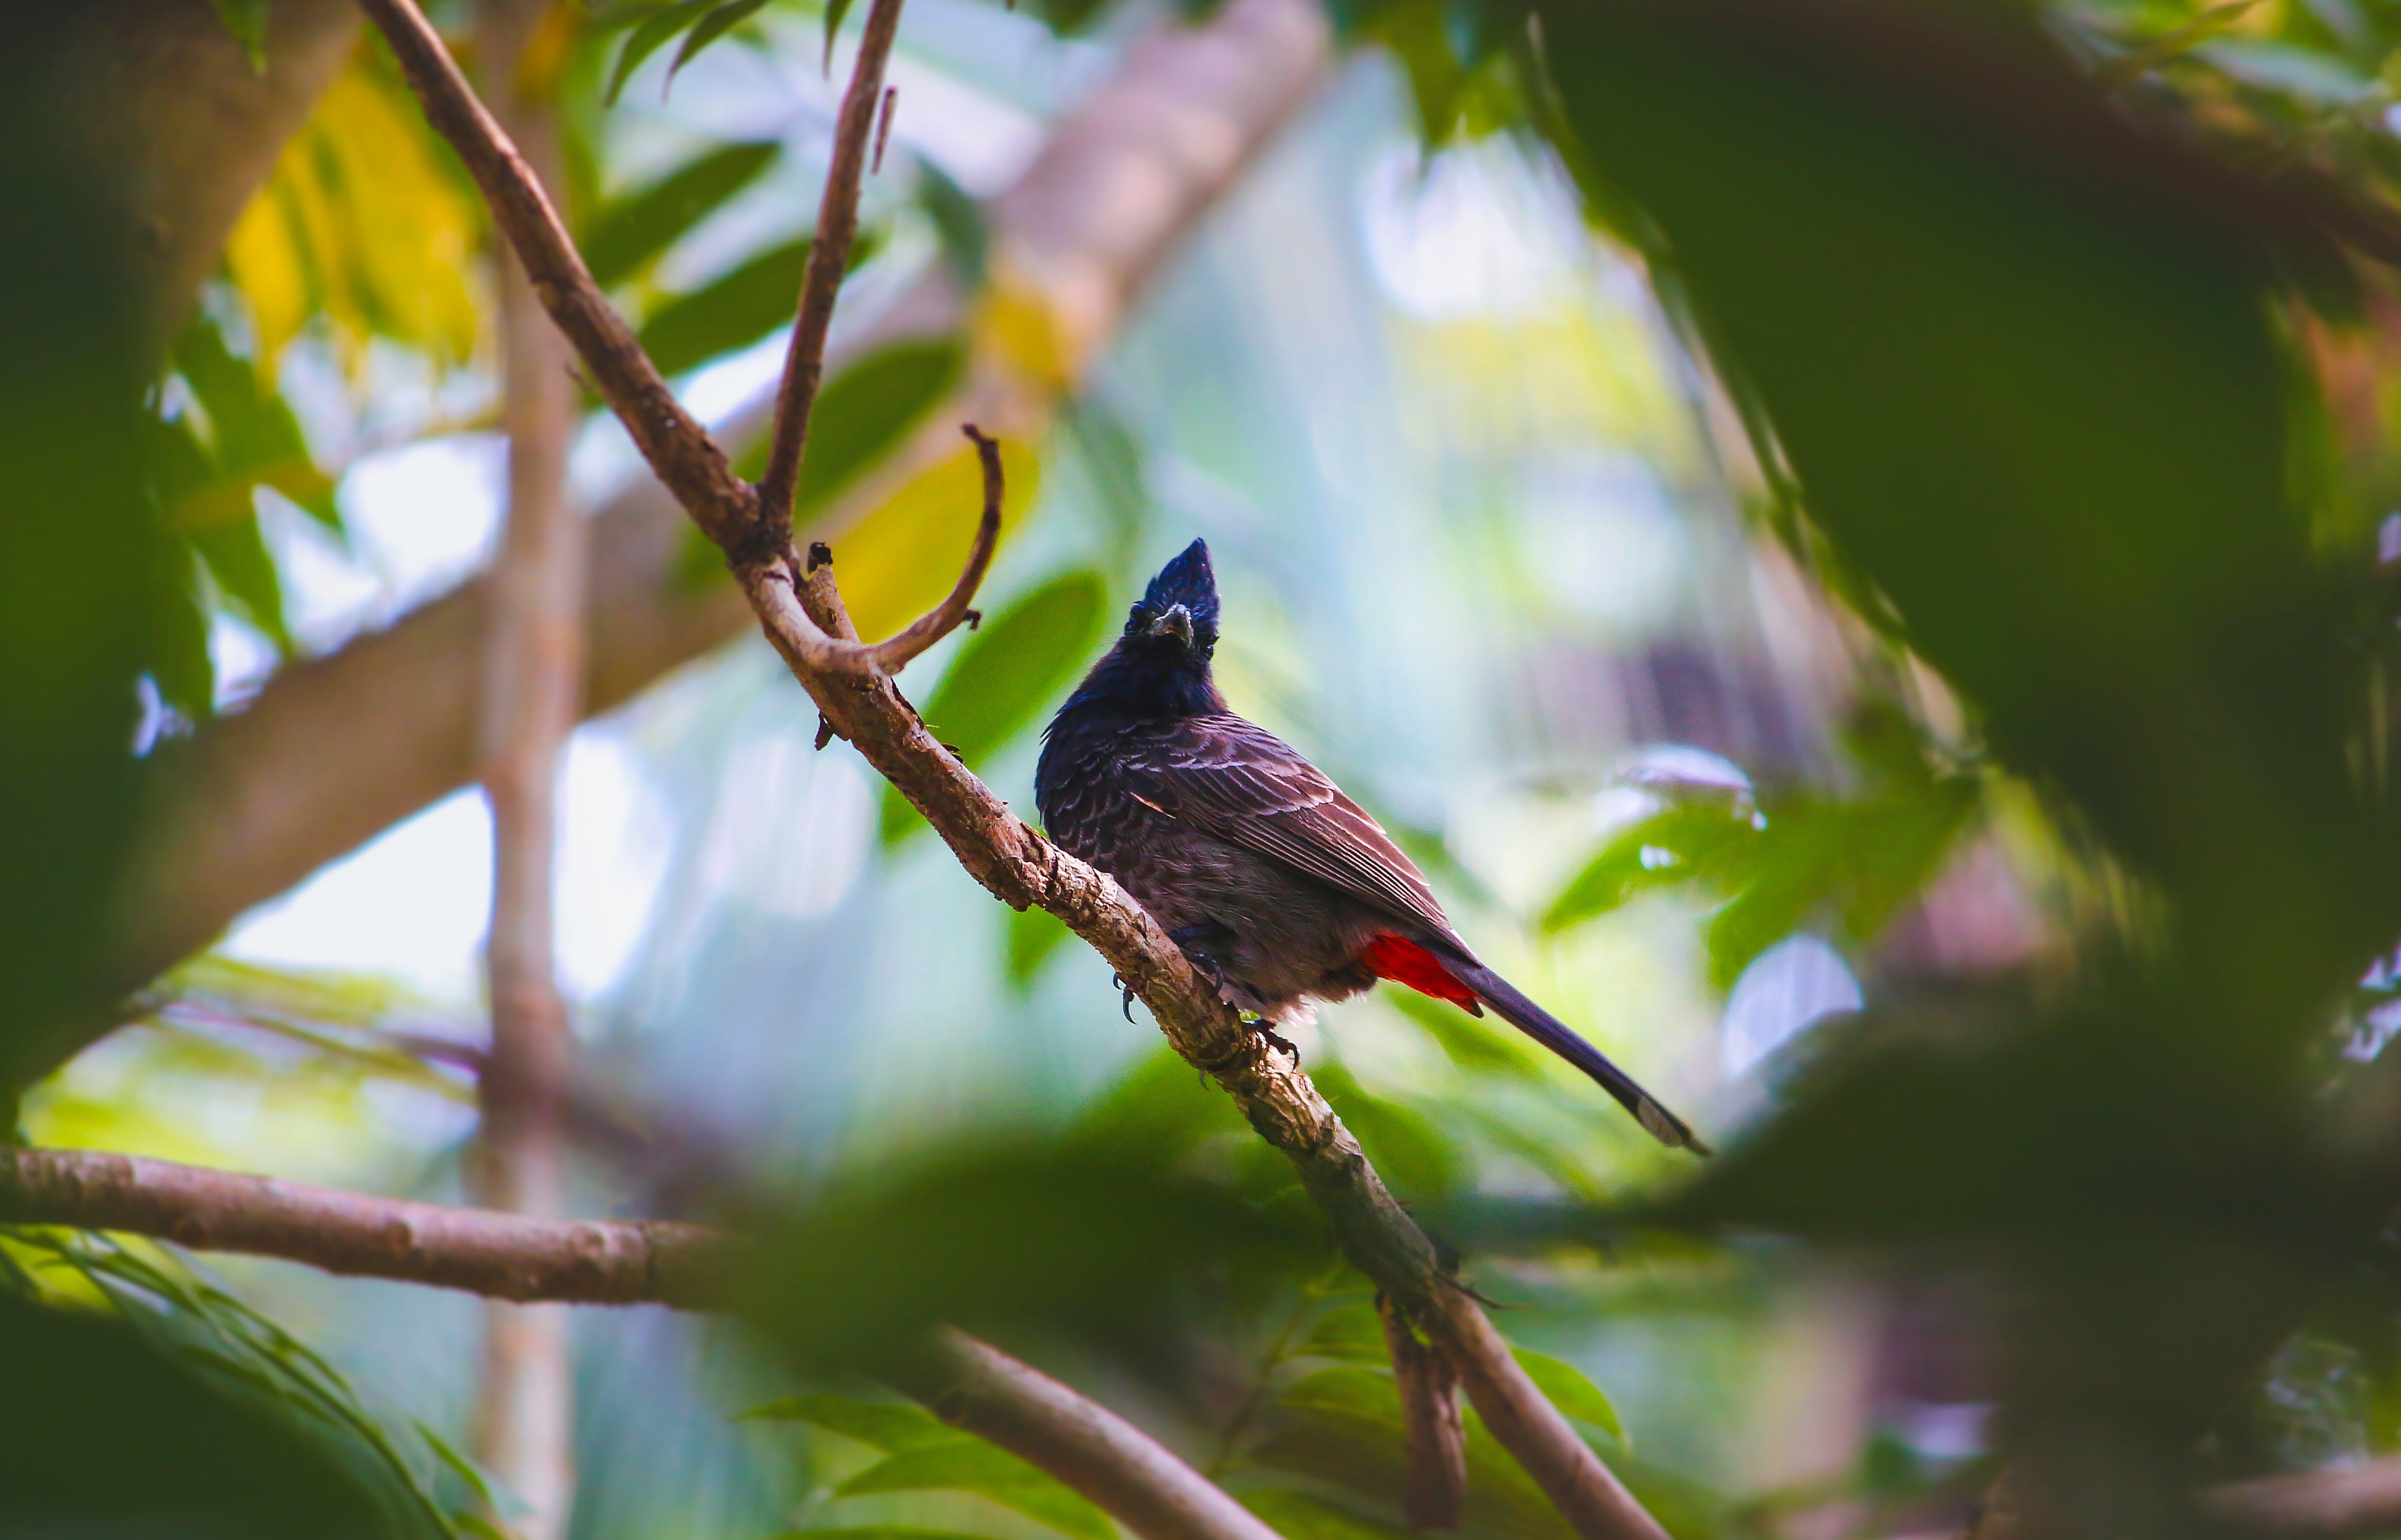 動物, 少し, 止まり木, 野生動物の無料の写真素材